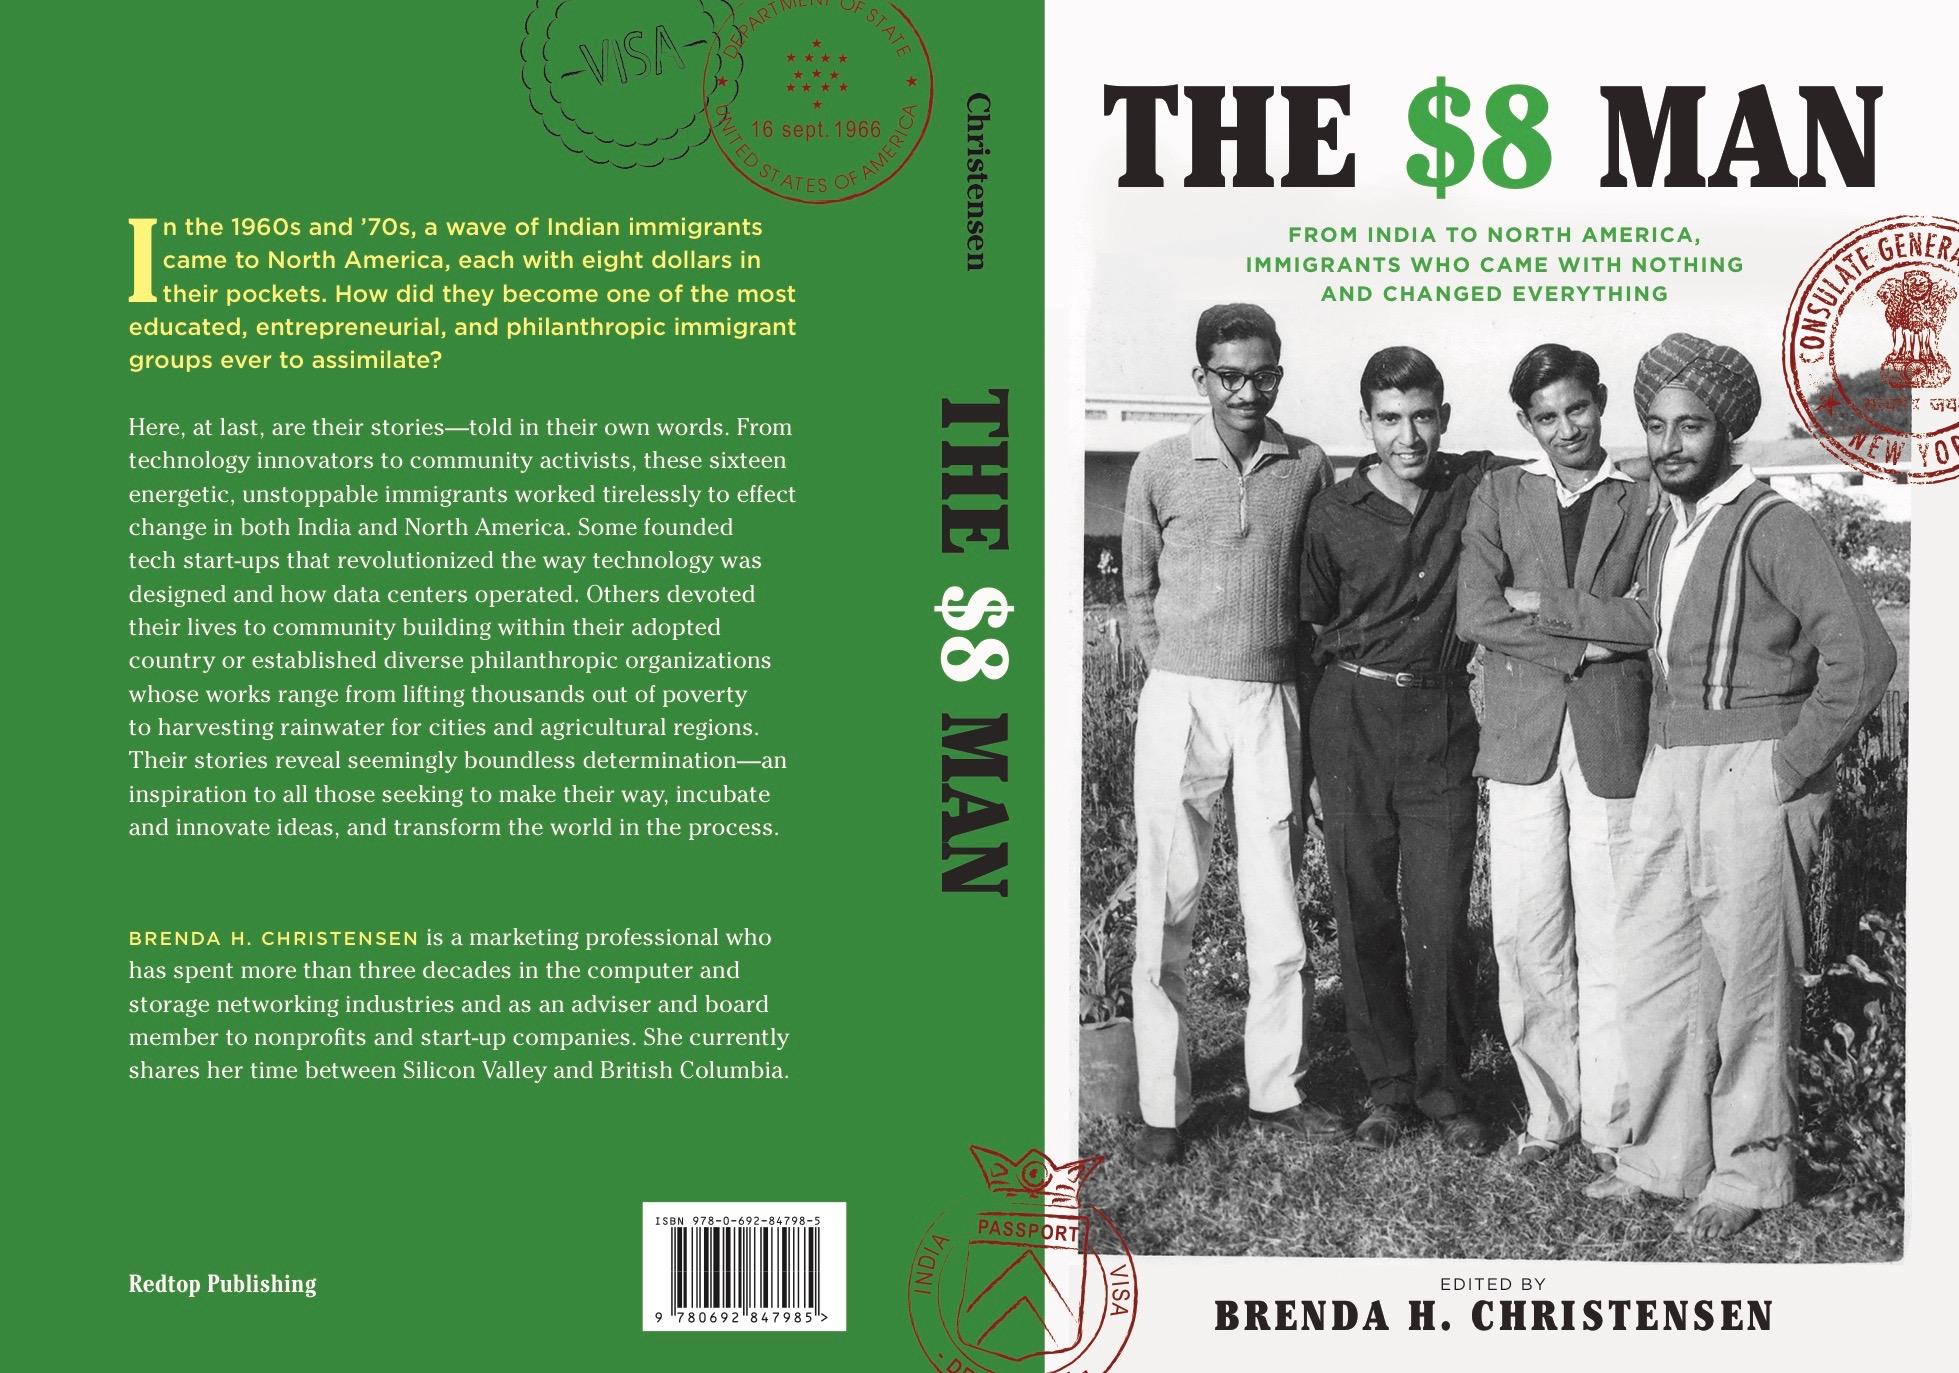 The $8 Man full cover FINAL.jpg